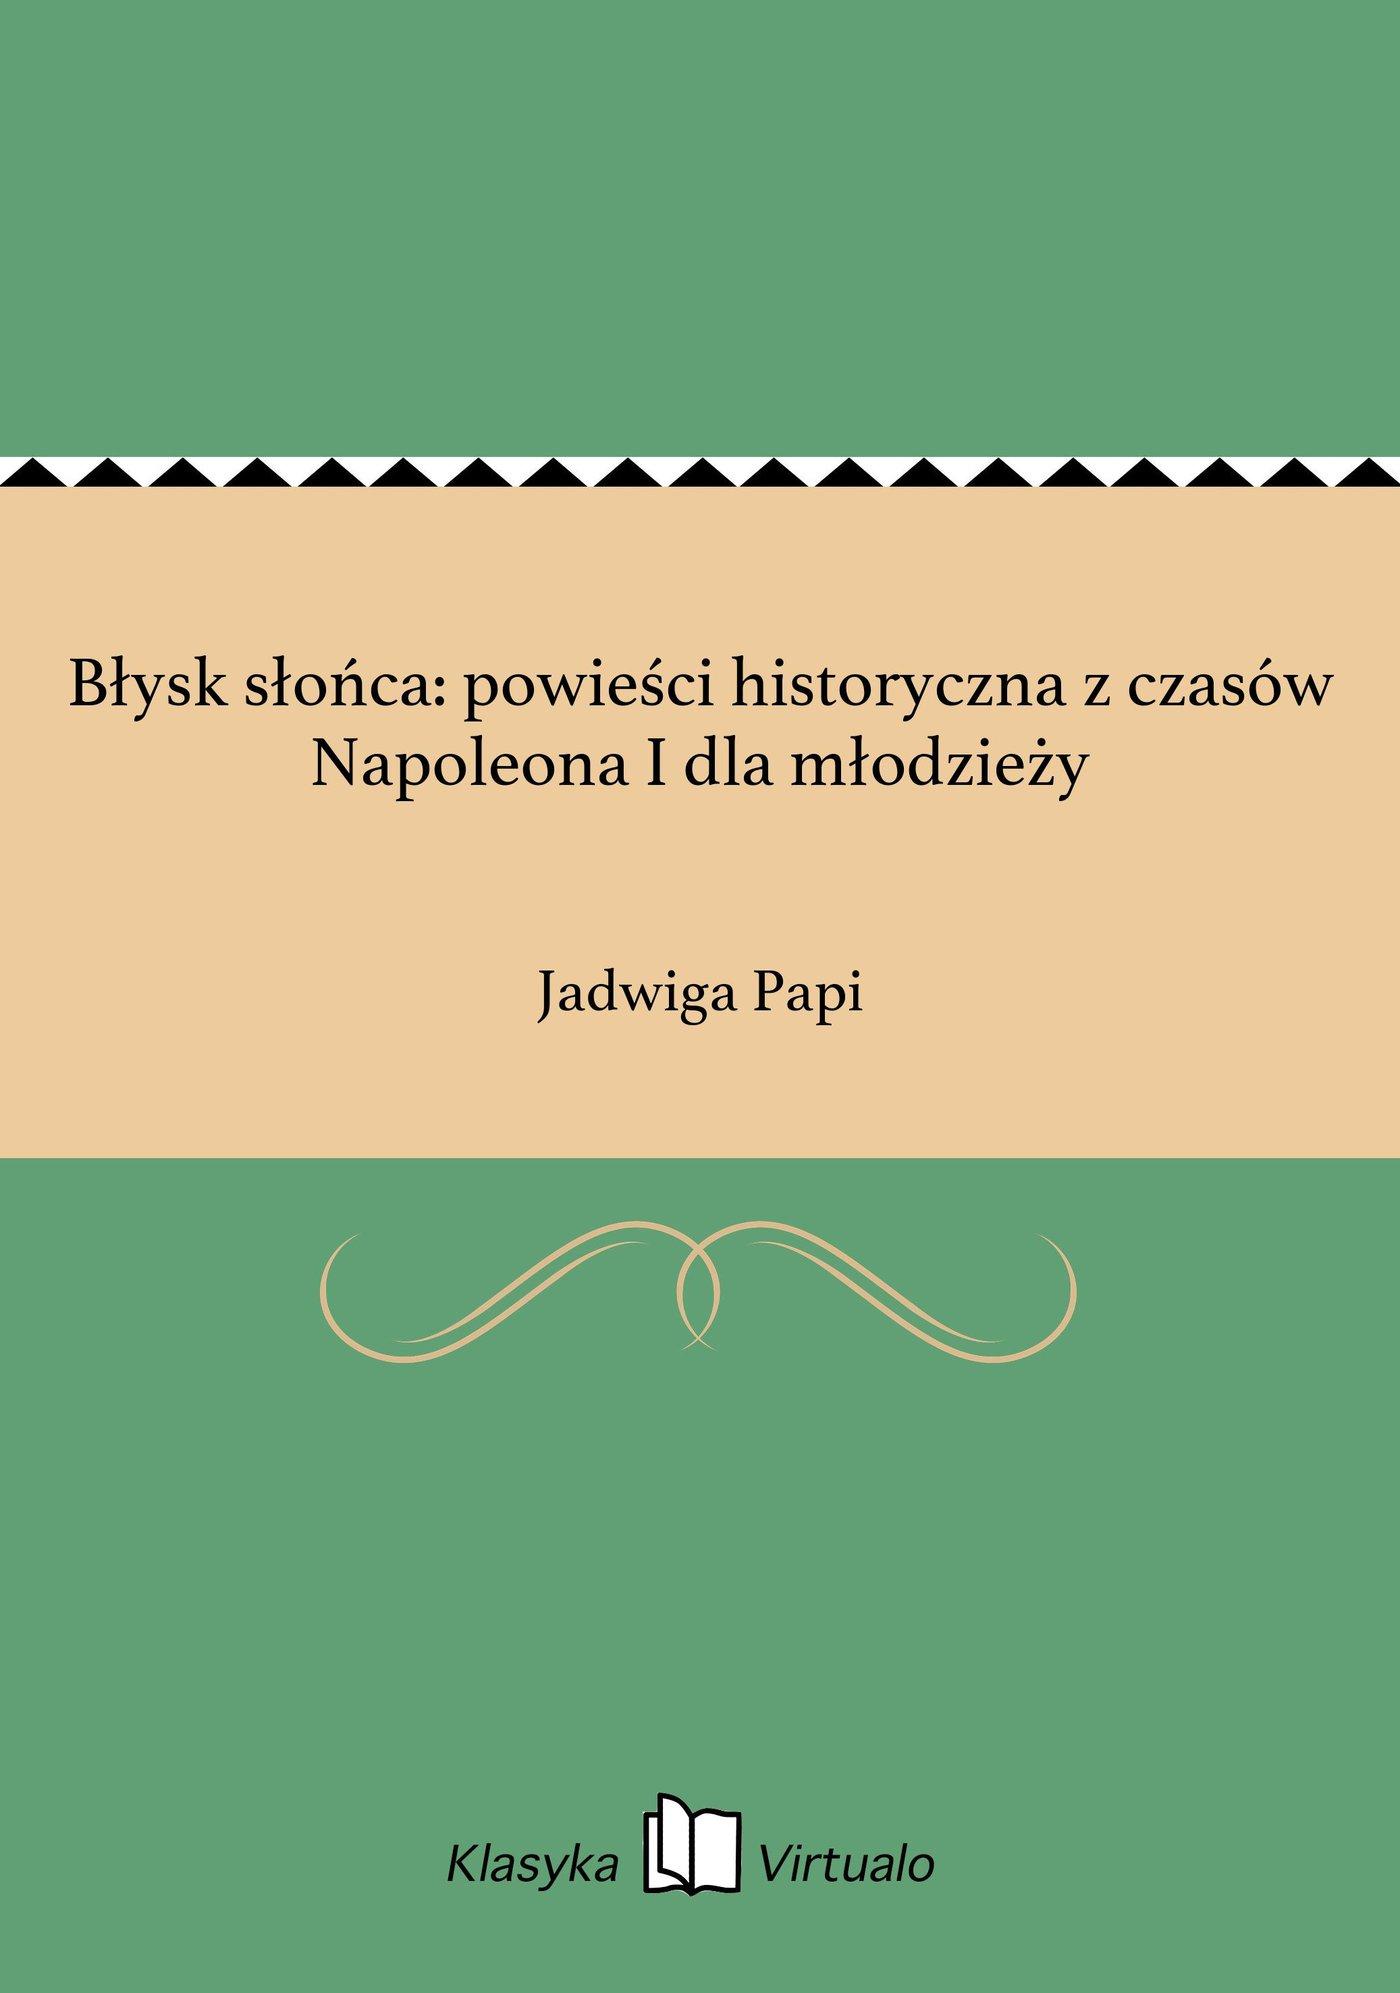 Błysk słońca: powieści historyczna z czasów Napoleona I dla młodzieży - Ebook (Książka EPUB) do pobrania w formacie EPUB